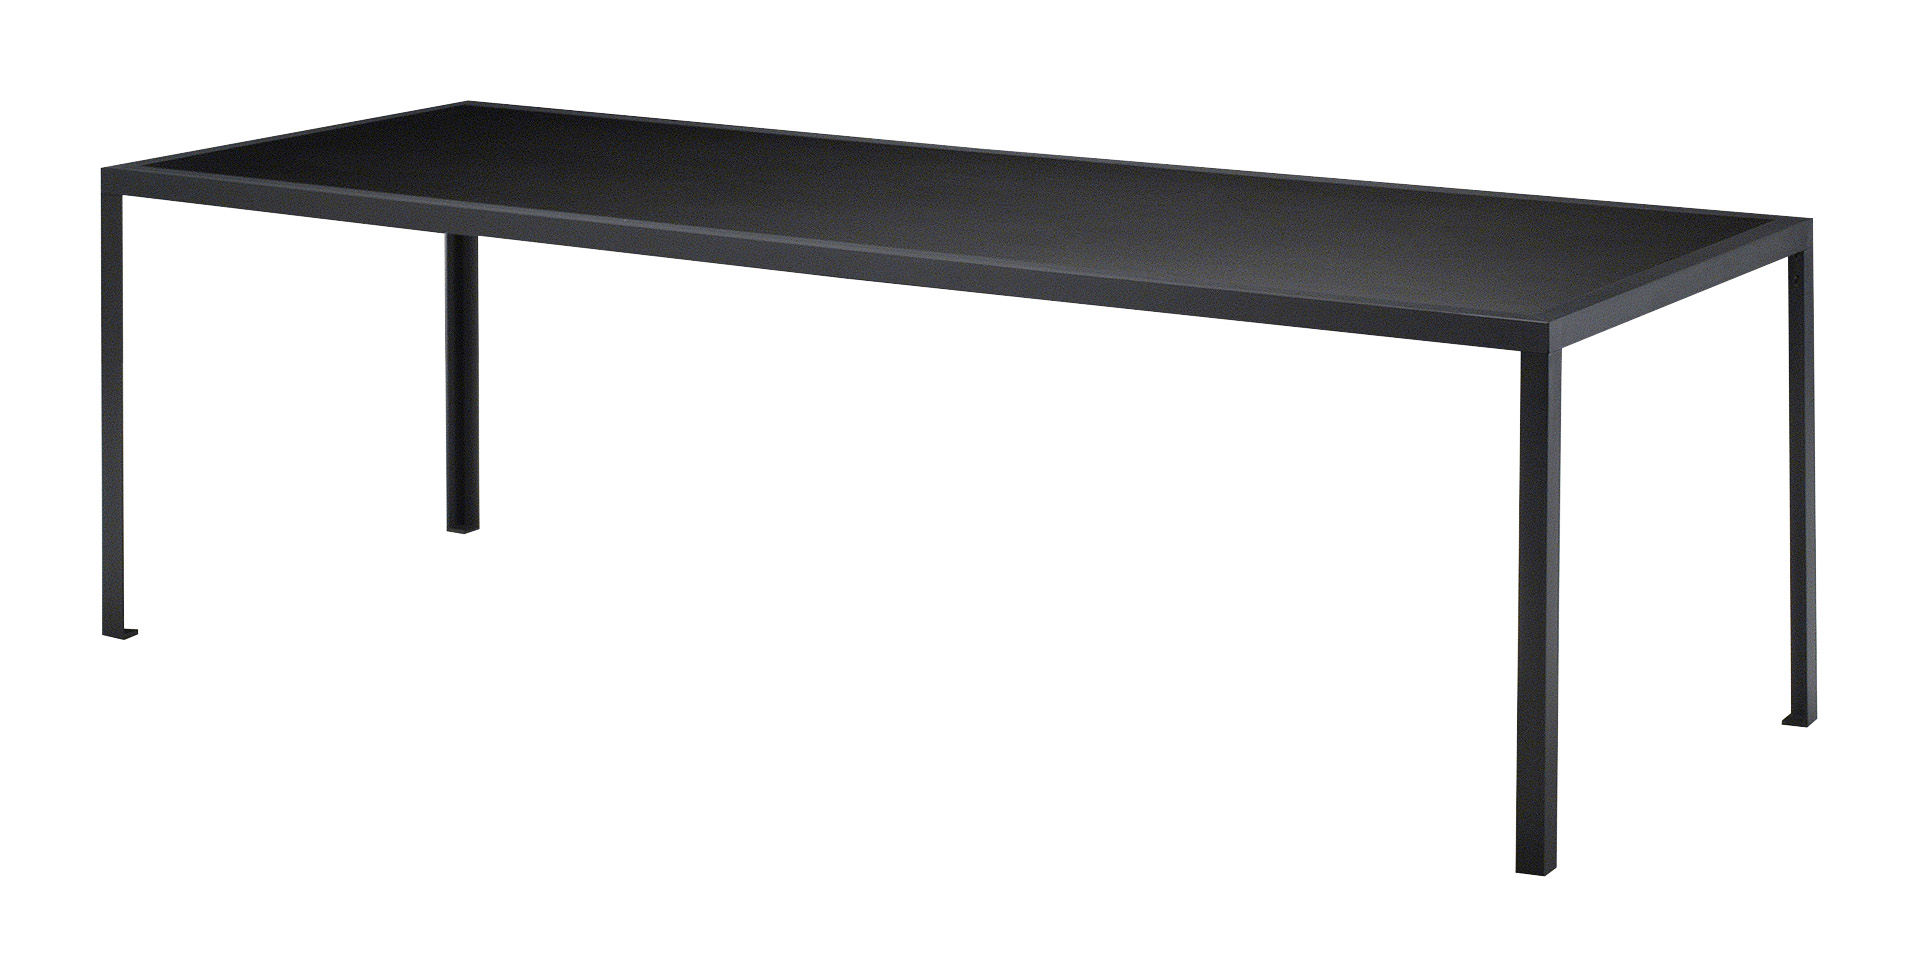 Möbel - Tische - Tavolo rechteckiger Tisch - rechteckig - L 200 cm - Zeus - Schwarz - 200 x 90 cm - bemalter Stahl, Linoleum